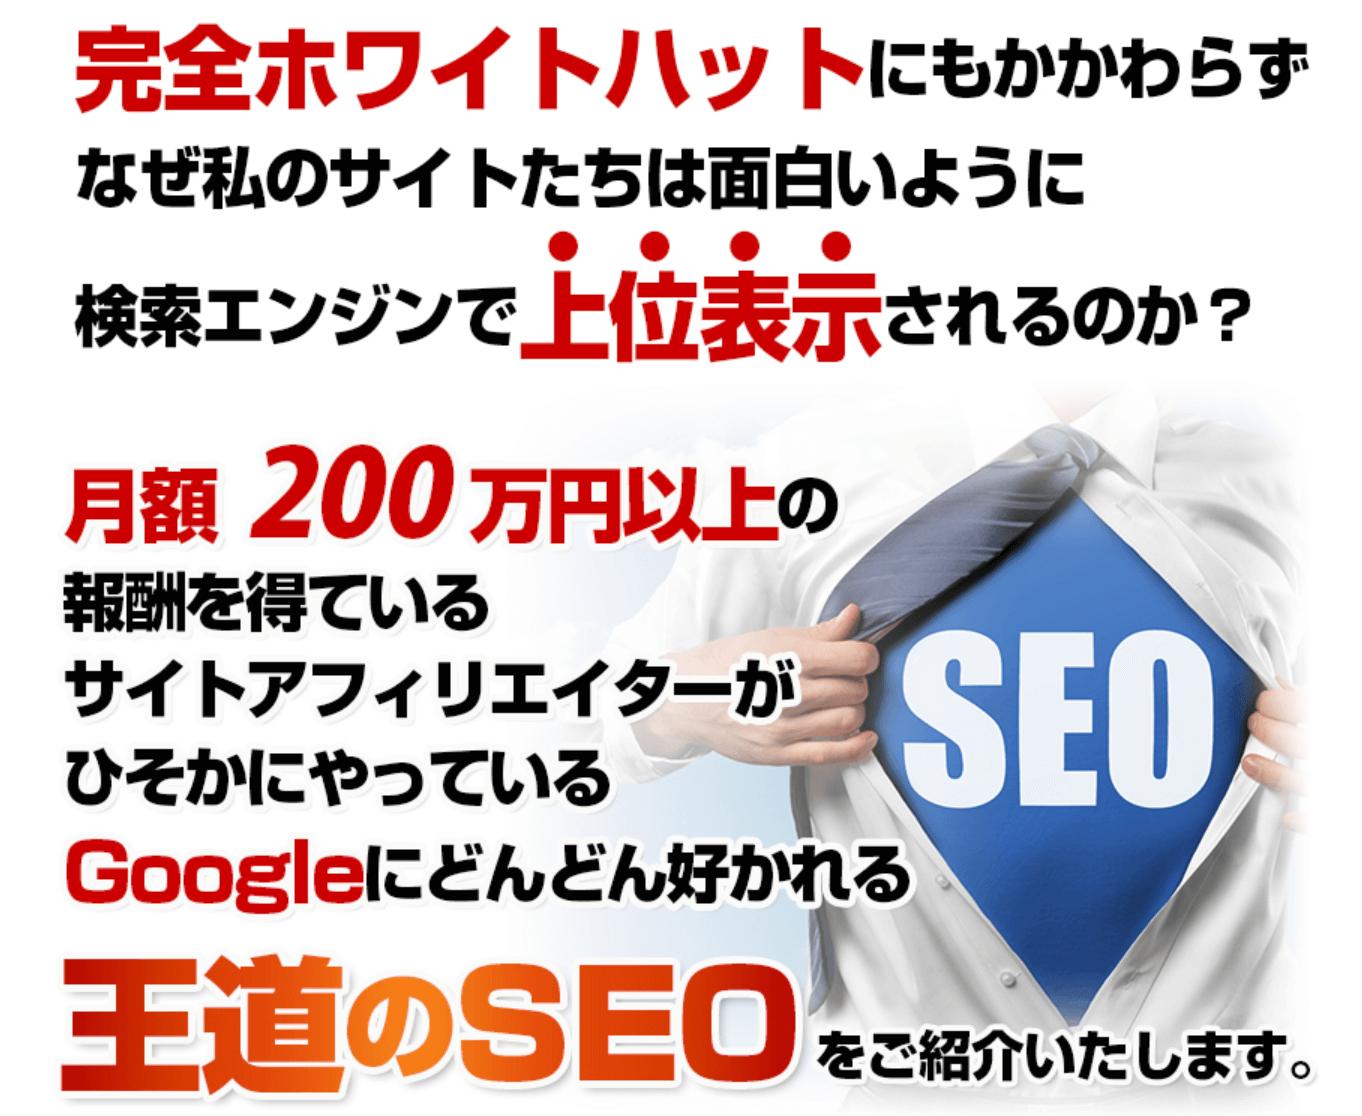 王道のSEOバイブル豪華特典付き評判レビュー~Googleにどんどん好かれるための正攻法